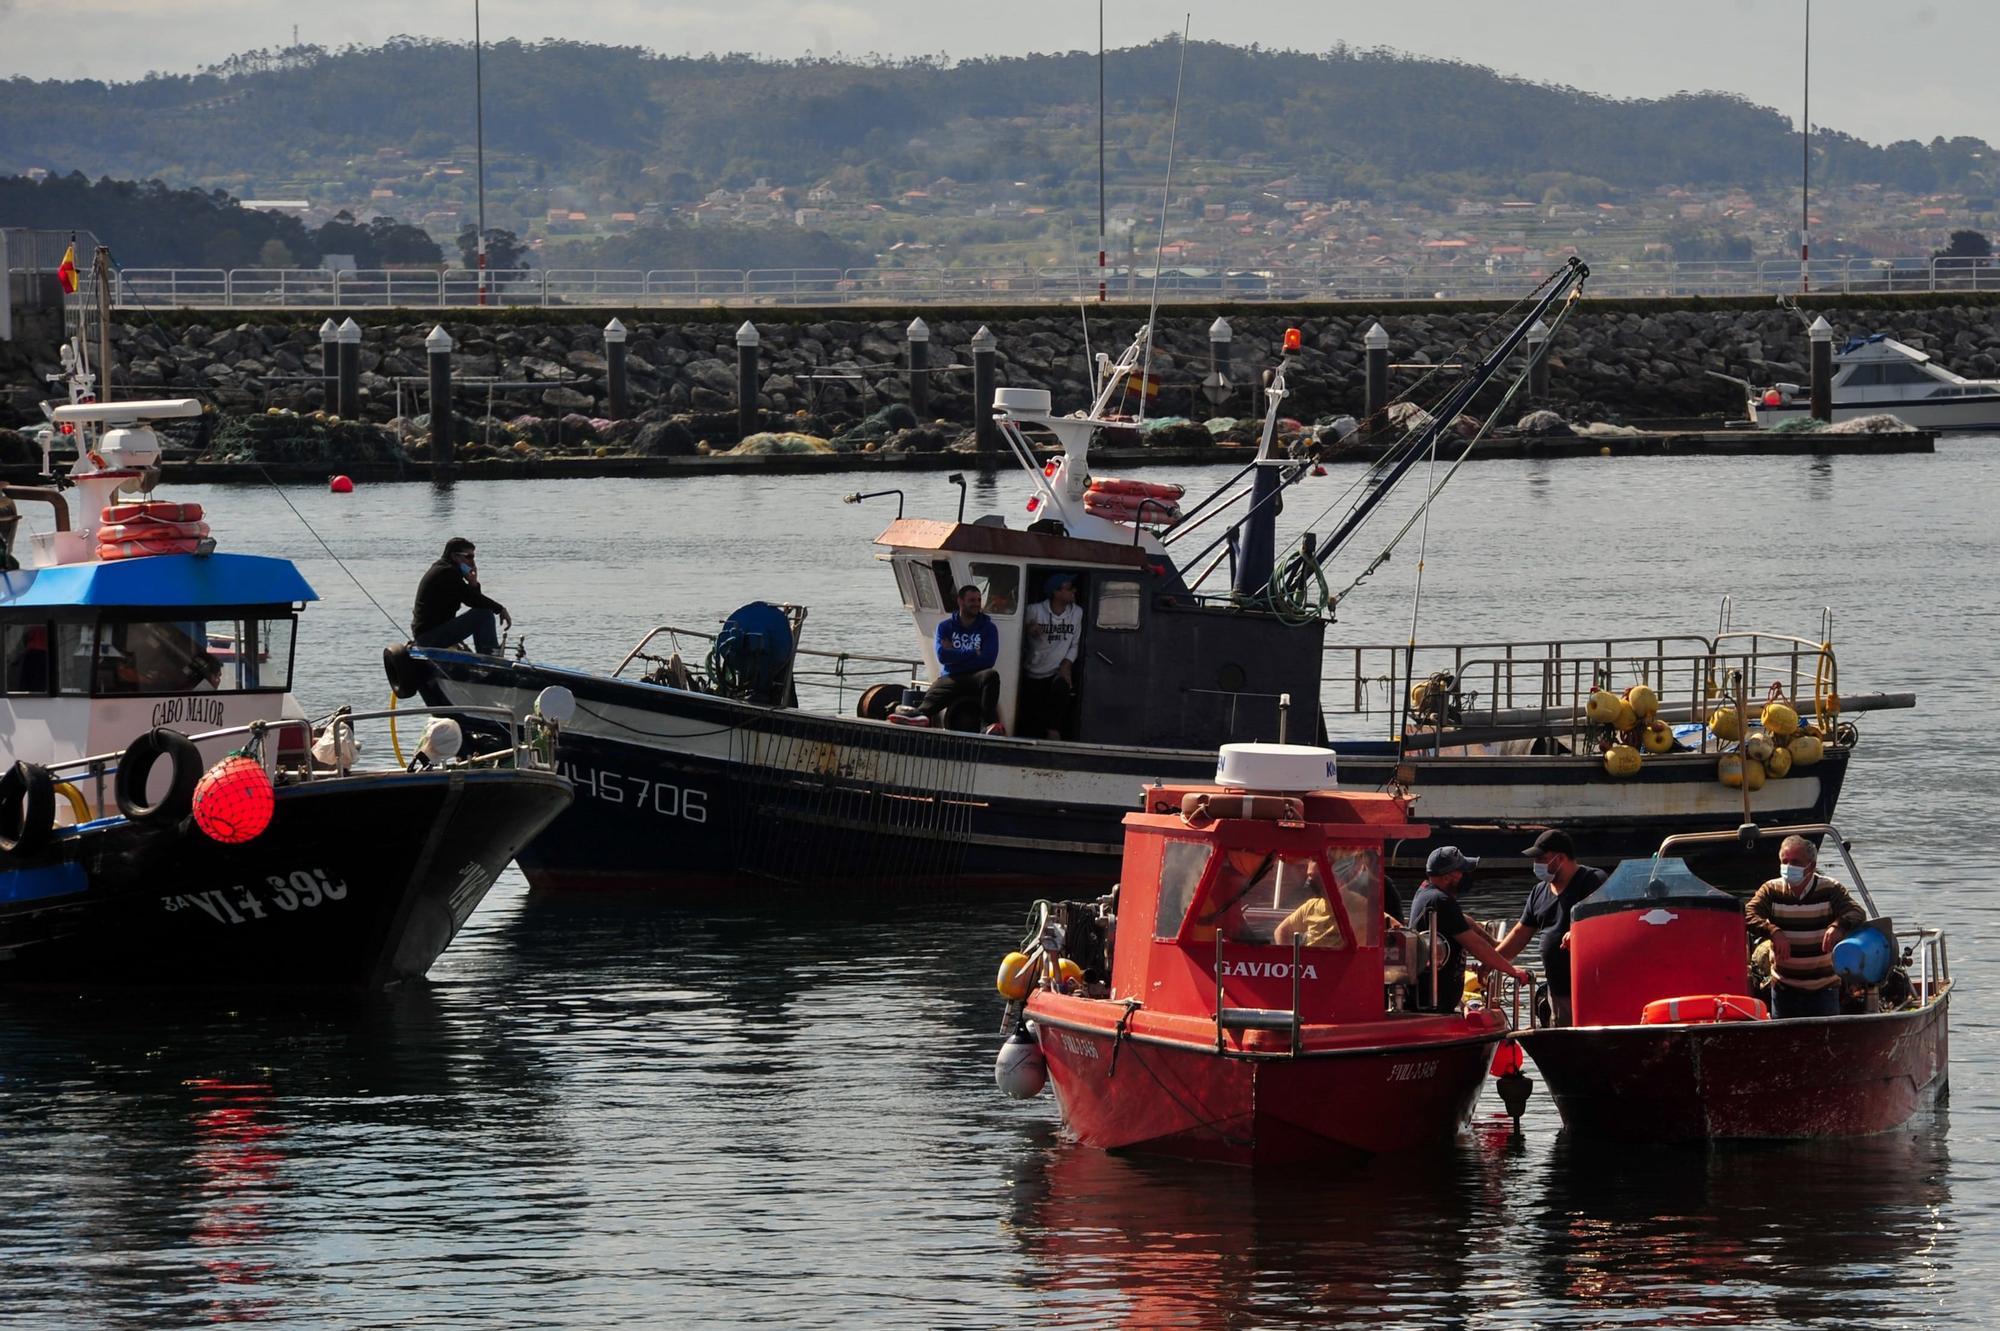 La protesta desarrollada por la flota de Cambados contra el reglamento de la UE, ayer.    Iñaki Abella (4)-min.jpg